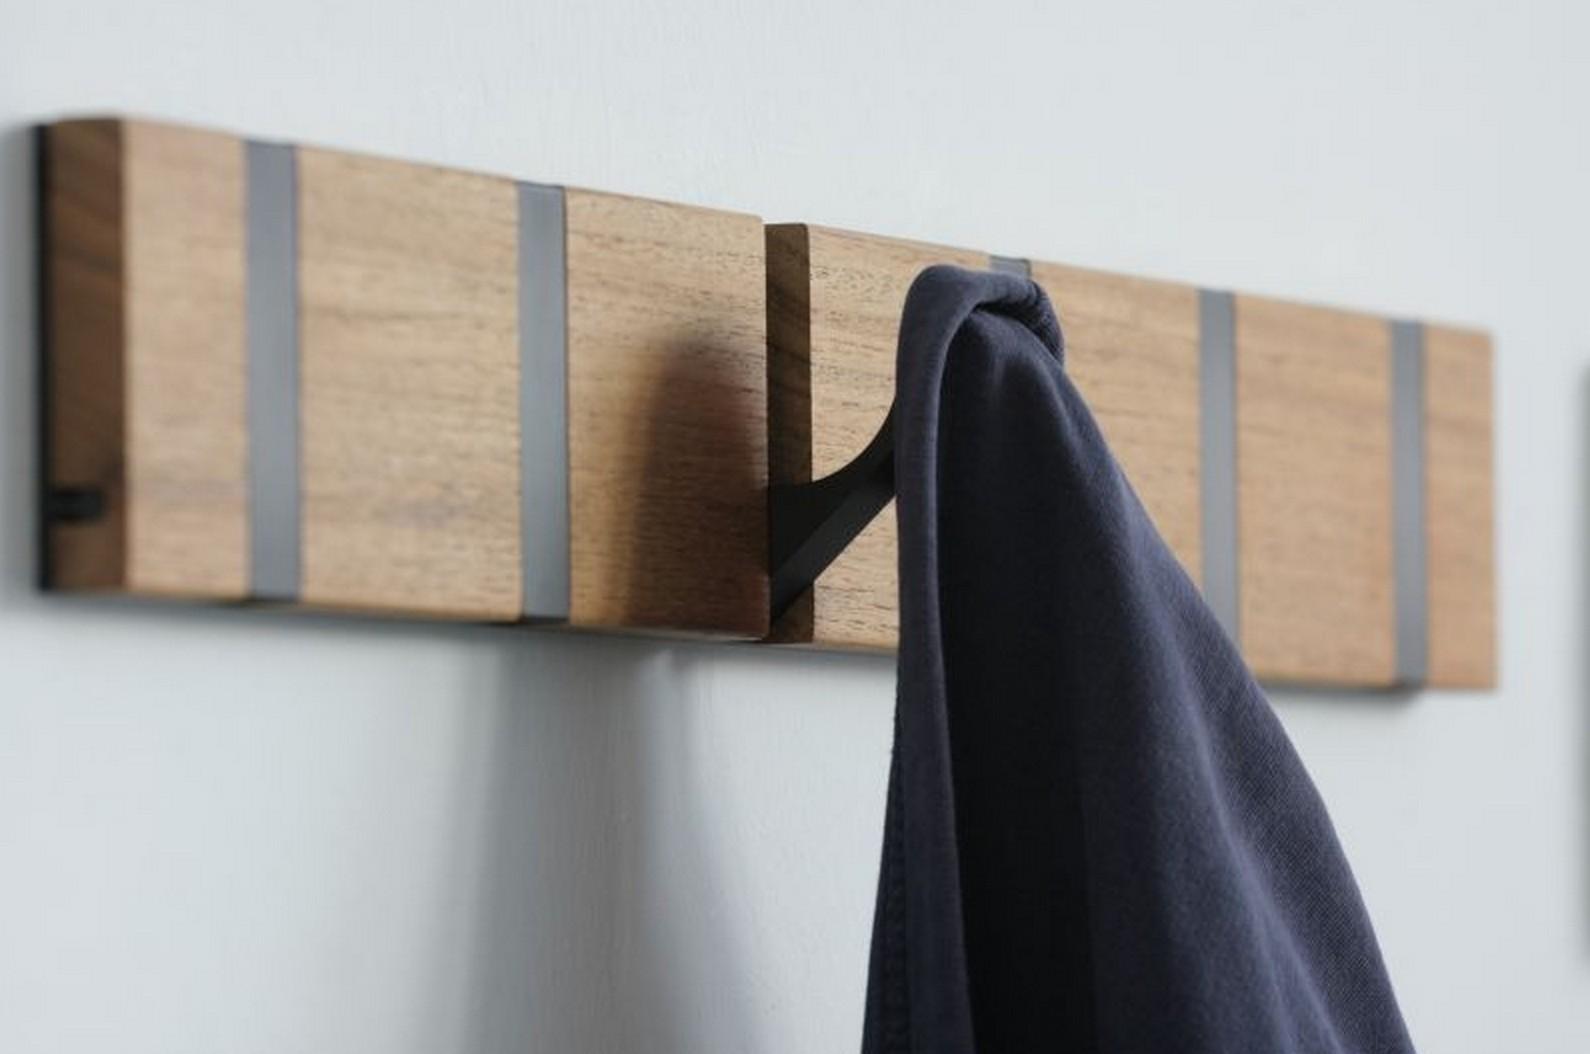 Porte Manteaux Rtractable KNAX Par Loca Blog Dco Design